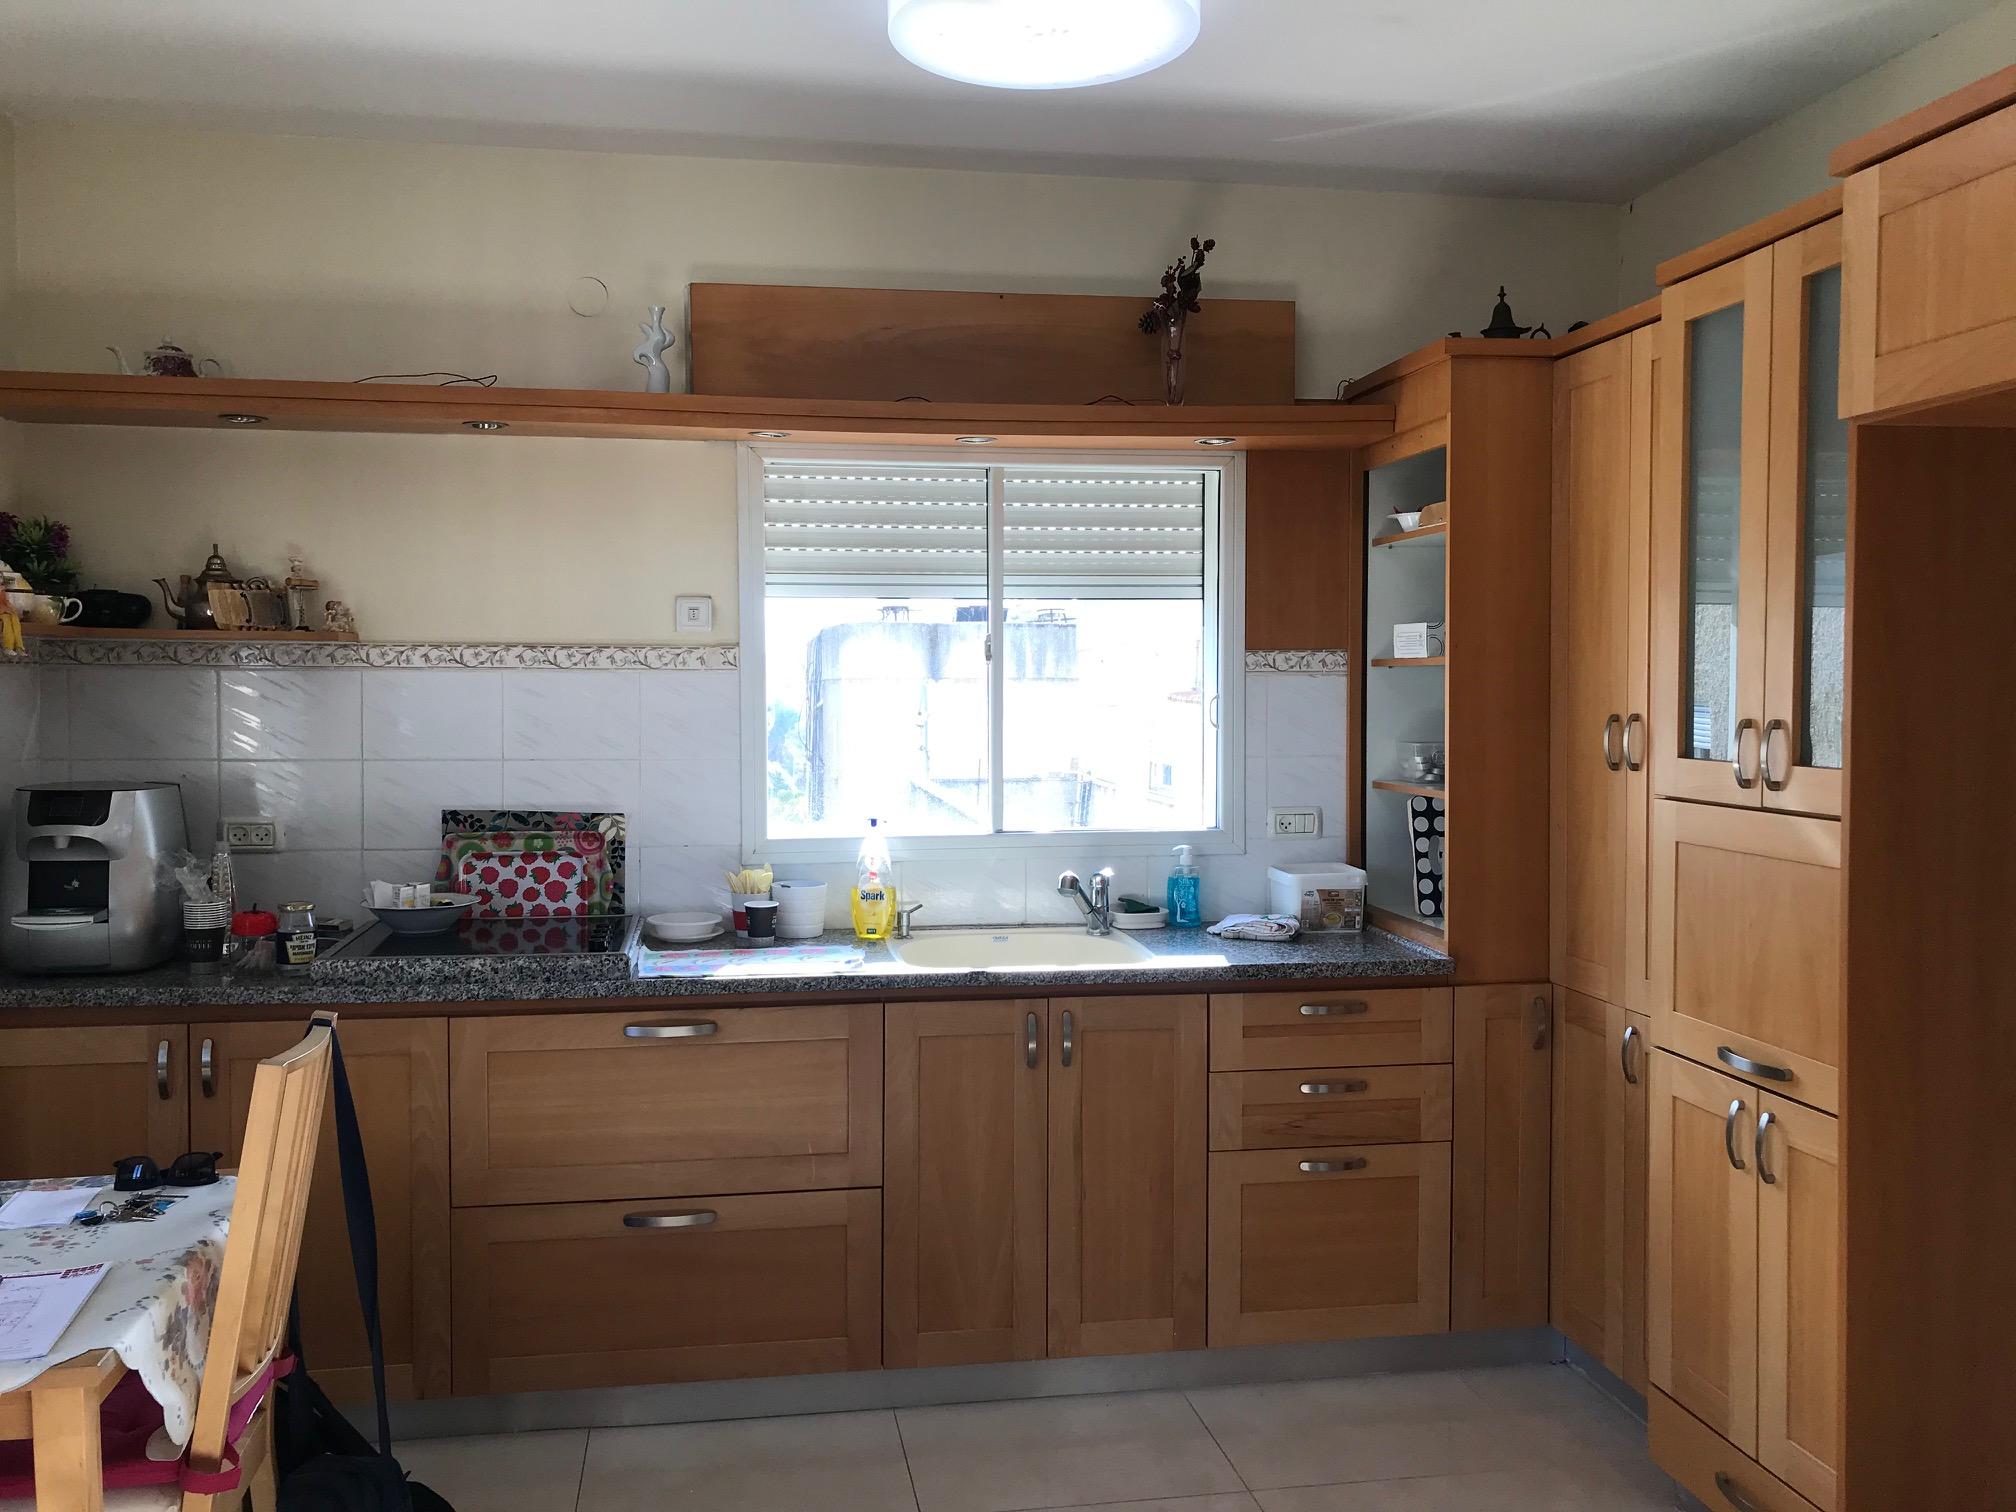 בבלעדיות, במרכז מוצקין, דירת שלושה וחצי חדרים + גג צמוד בטאבו